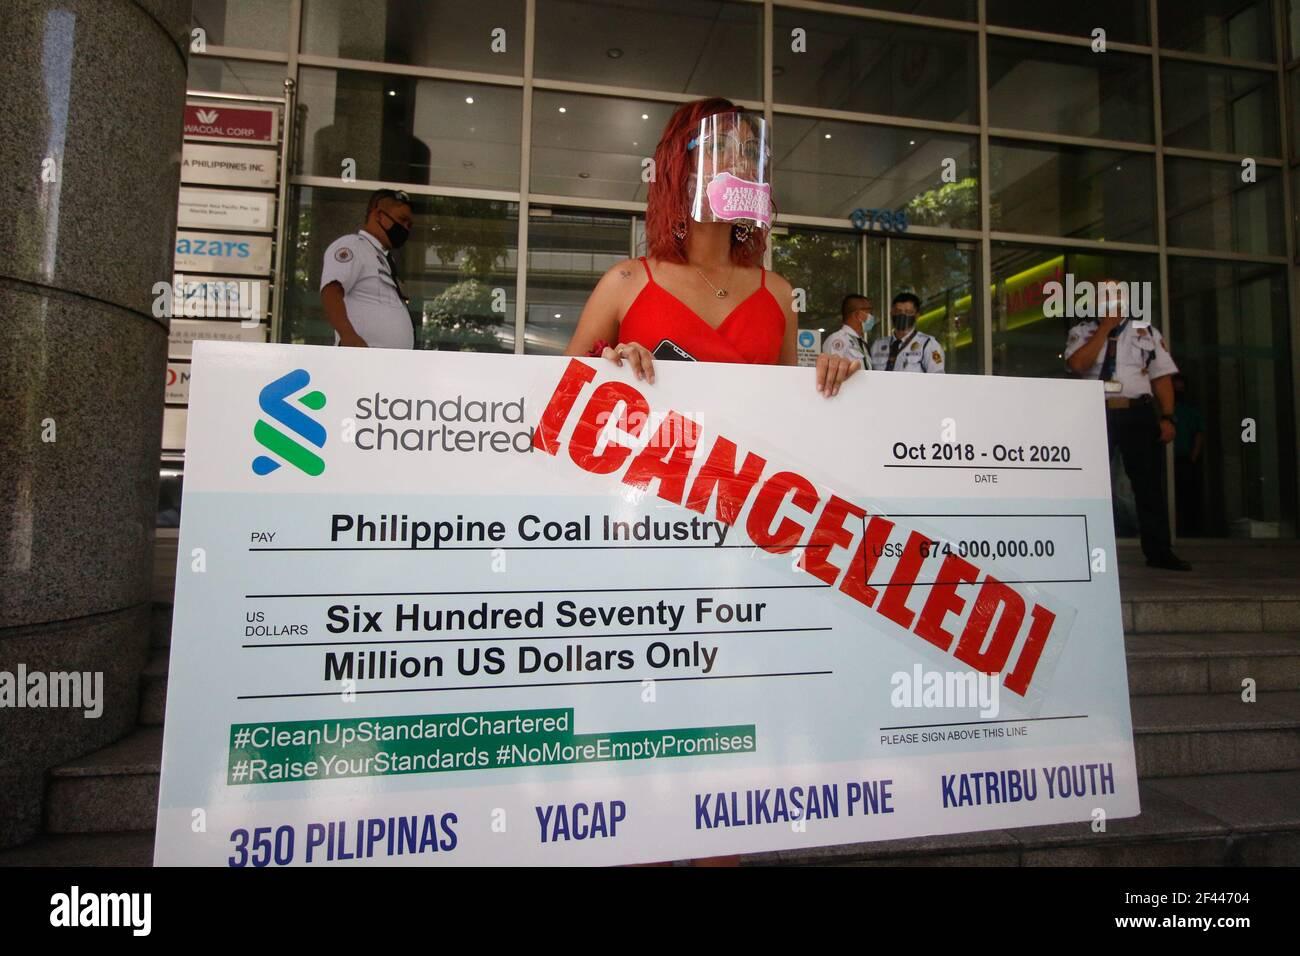 Makati City, Philippinen. März 2021, 19th. Klimaaktivisten hielten einen riesigen abgesagten Scheck ab, als sie vor der Standard Chartered Bank protestierten. Sie fordern die Bank auf, die Finanzierung von Kohleprojekten einzustellen. Kredit: Majority World CIC/Alamy Live Nachrichten Stockfoto